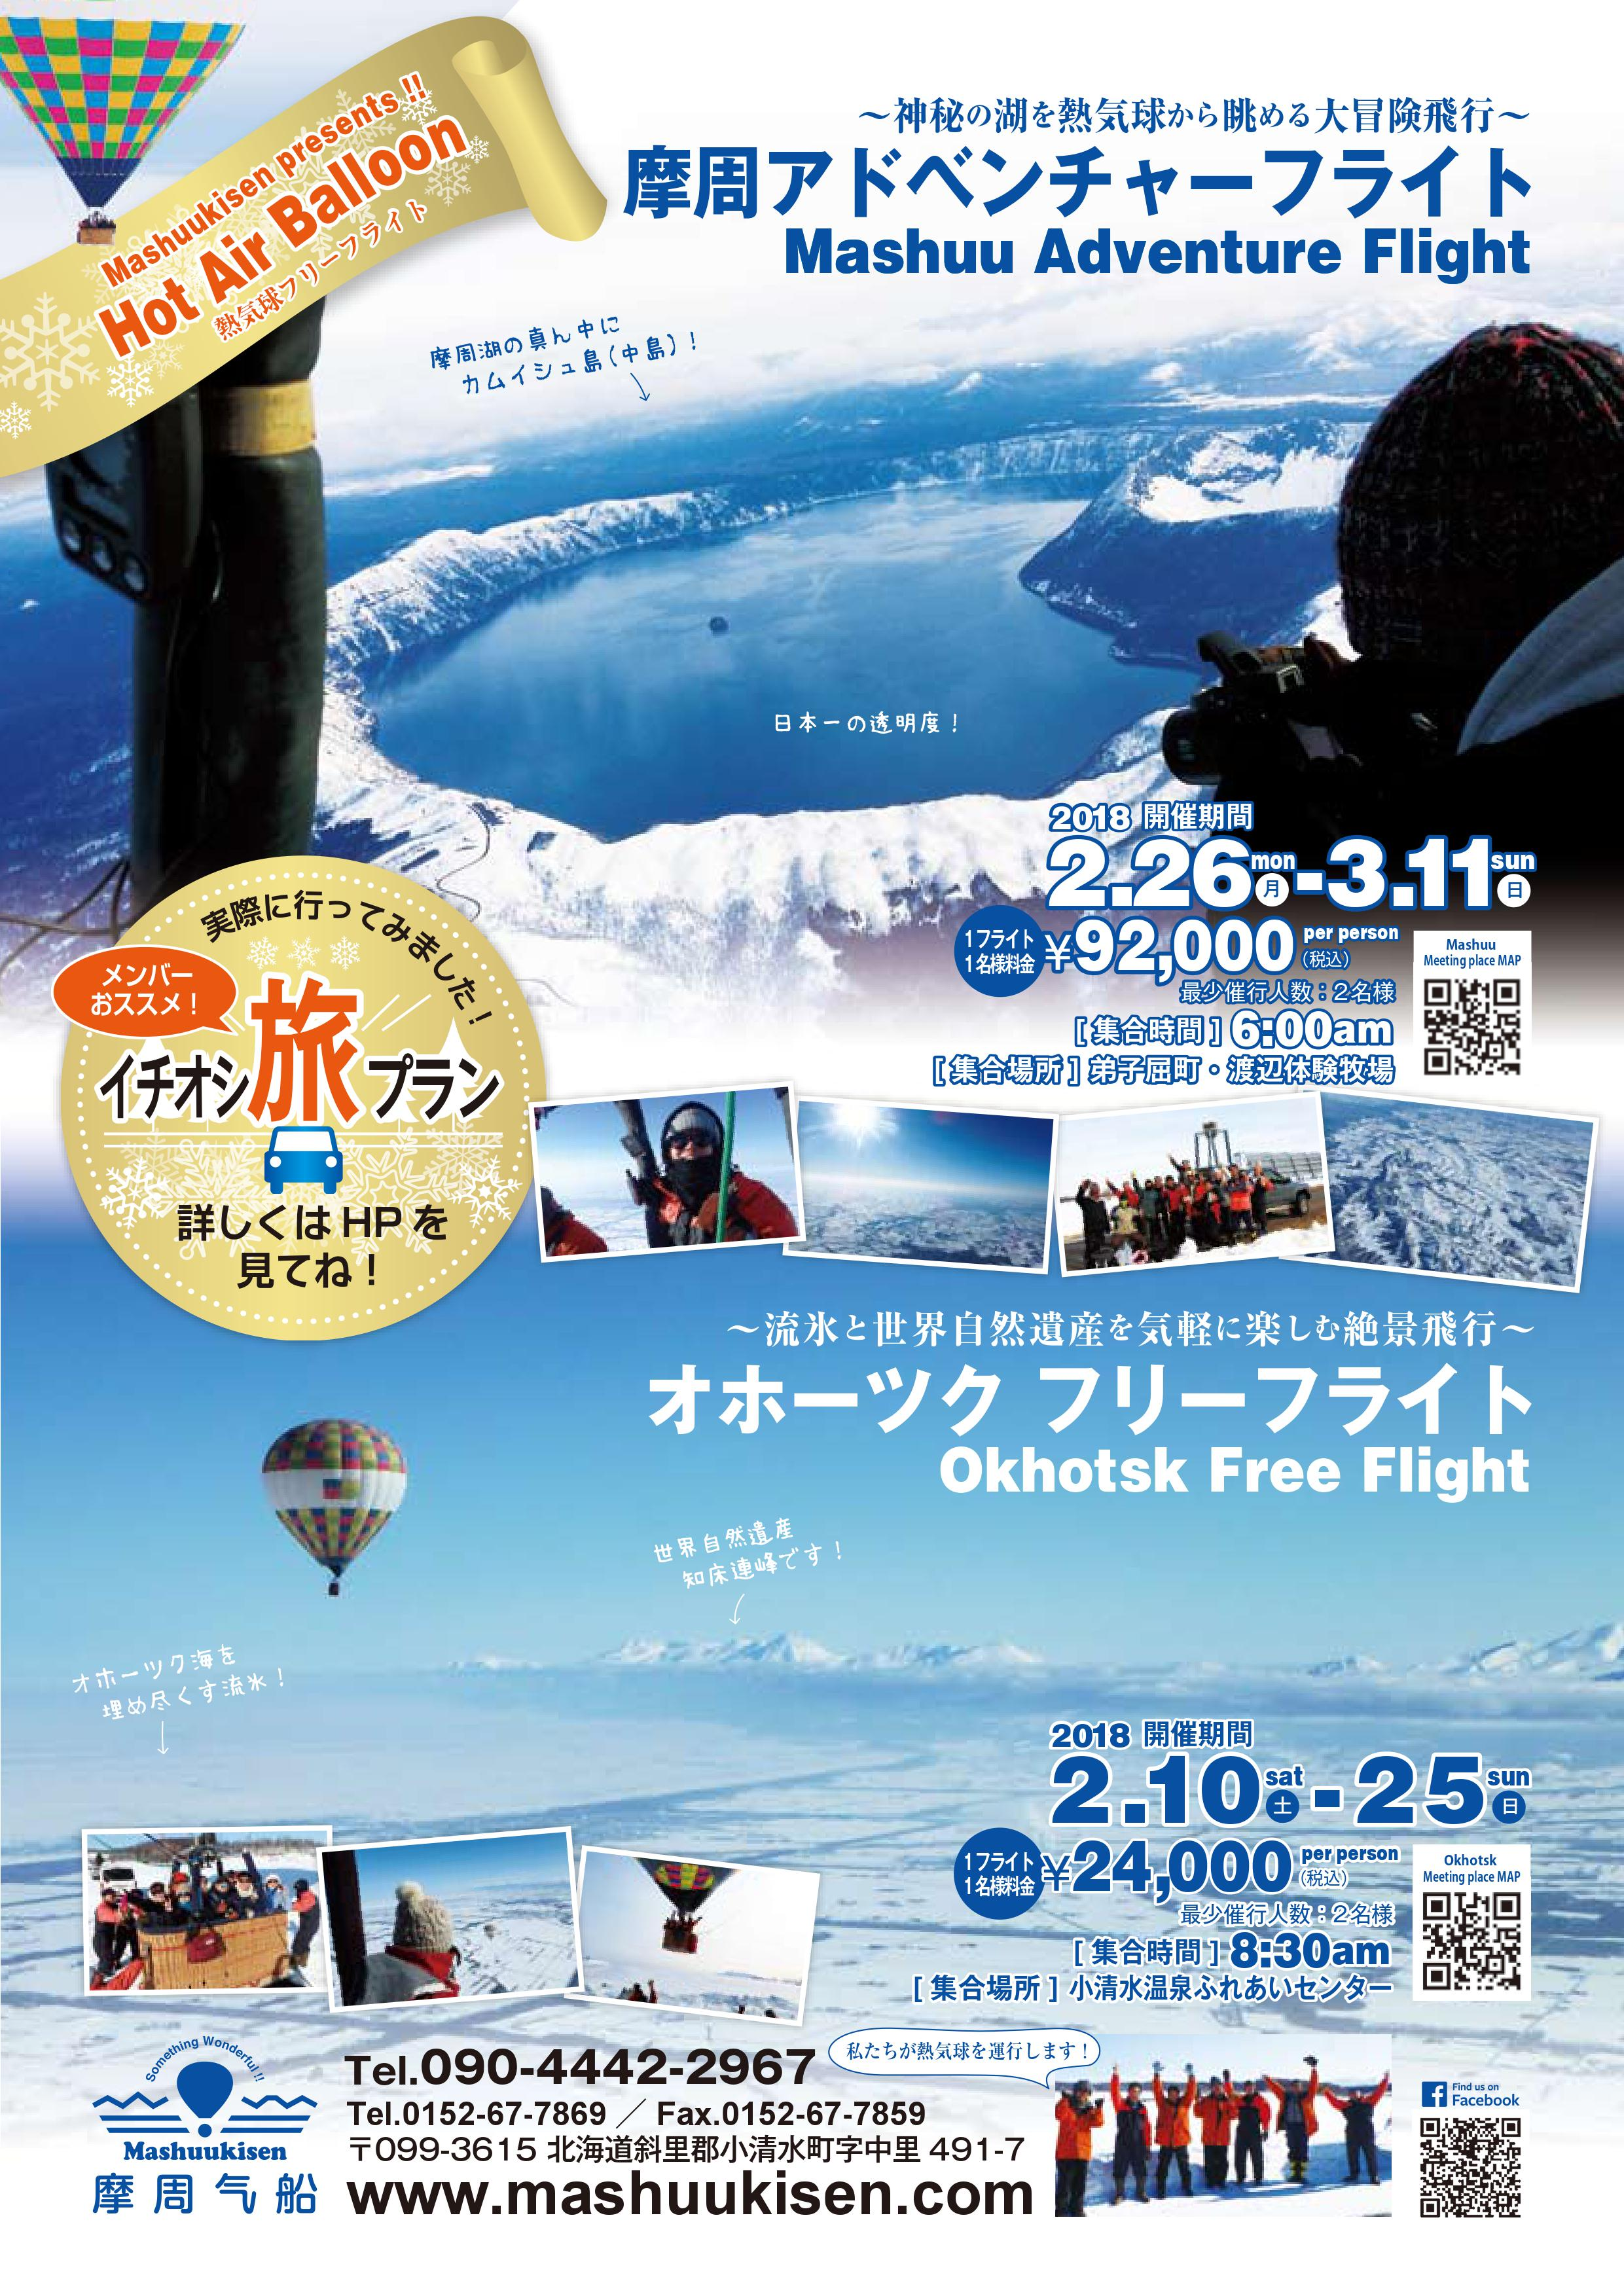 mashuukisen_brochure2018_front